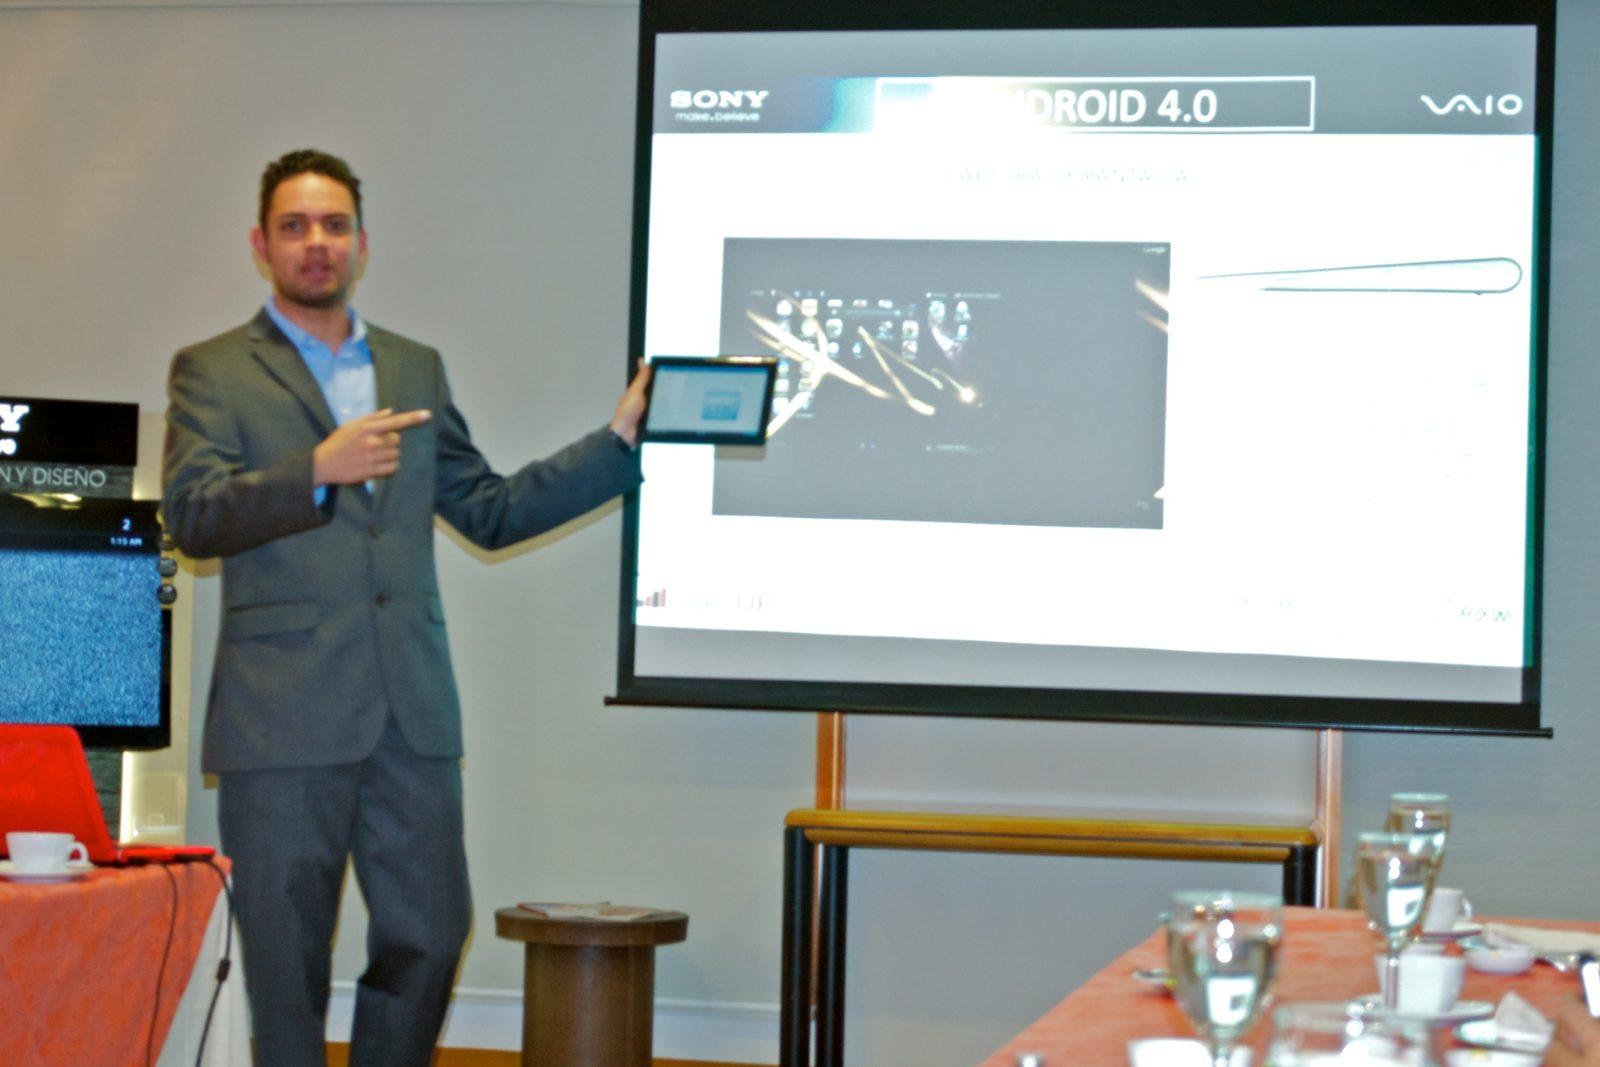 Evento de la presnetación de la Sony Tablet S en Bogotá, Colombia